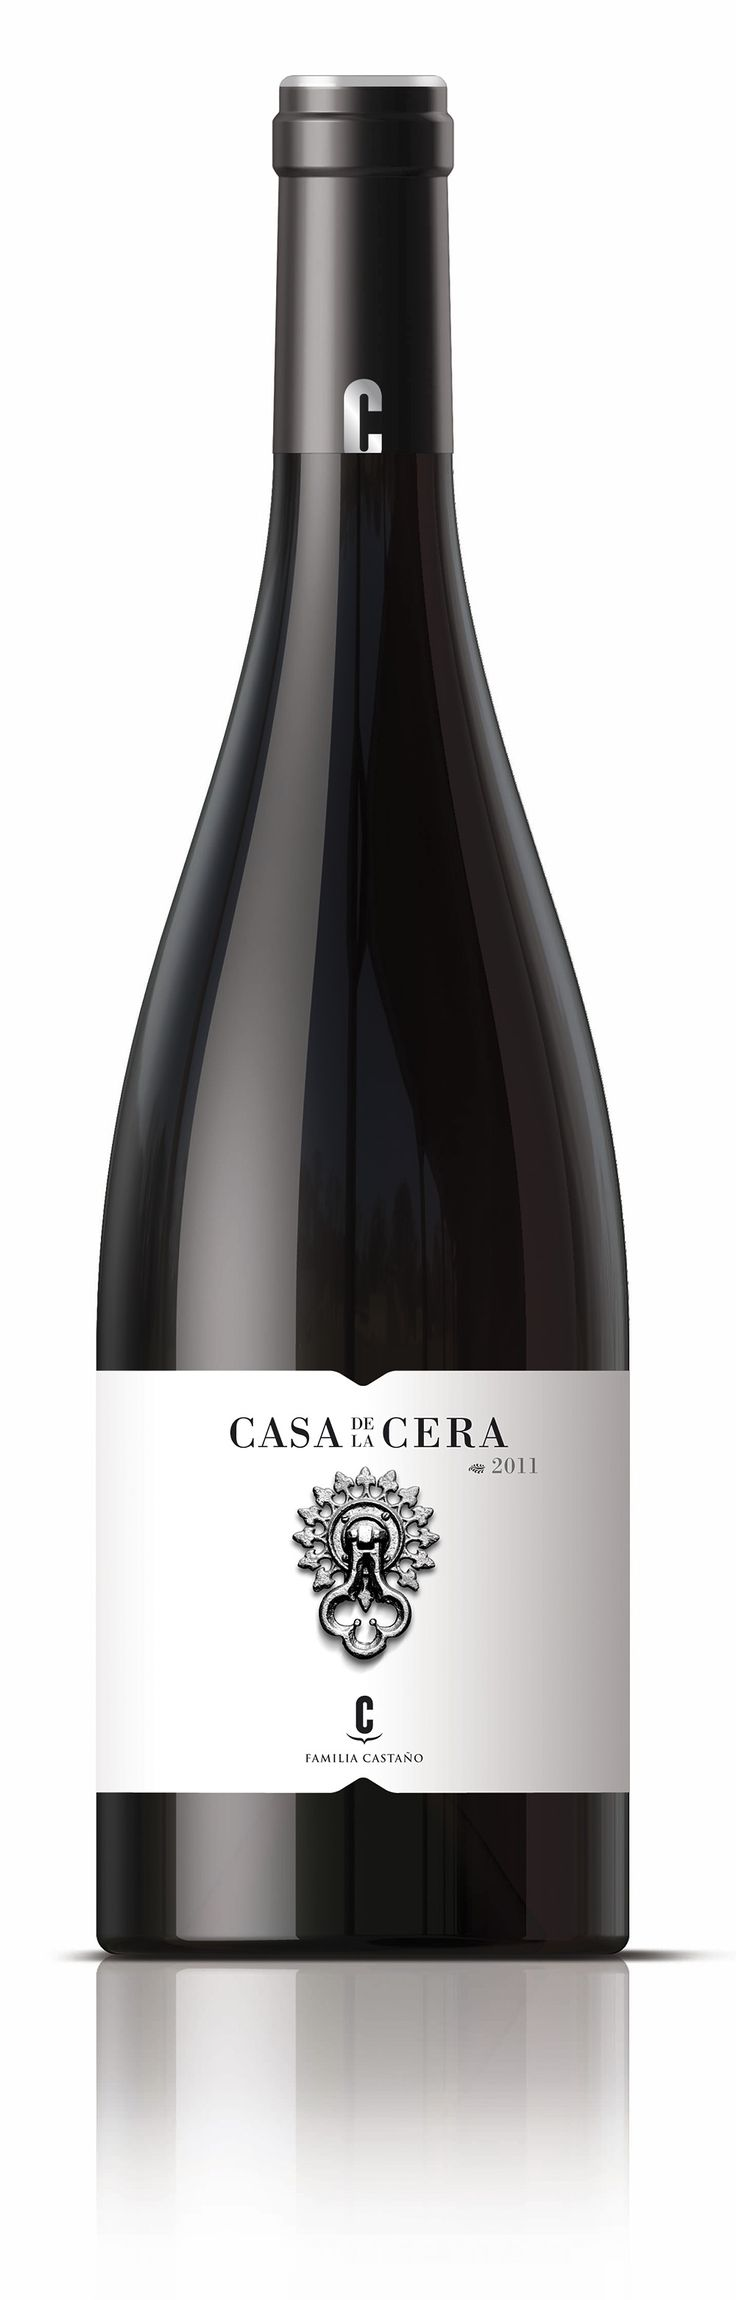 Casa de la Cera es un vino selecto que debe su nombre a una de las fincas de la familia Castaño. Un diseño conceptual, con el picaporte como protagonista, invitando a su degustación. #bogegascastaño #wine #winepackaging #spanishwine #girafadigital #design